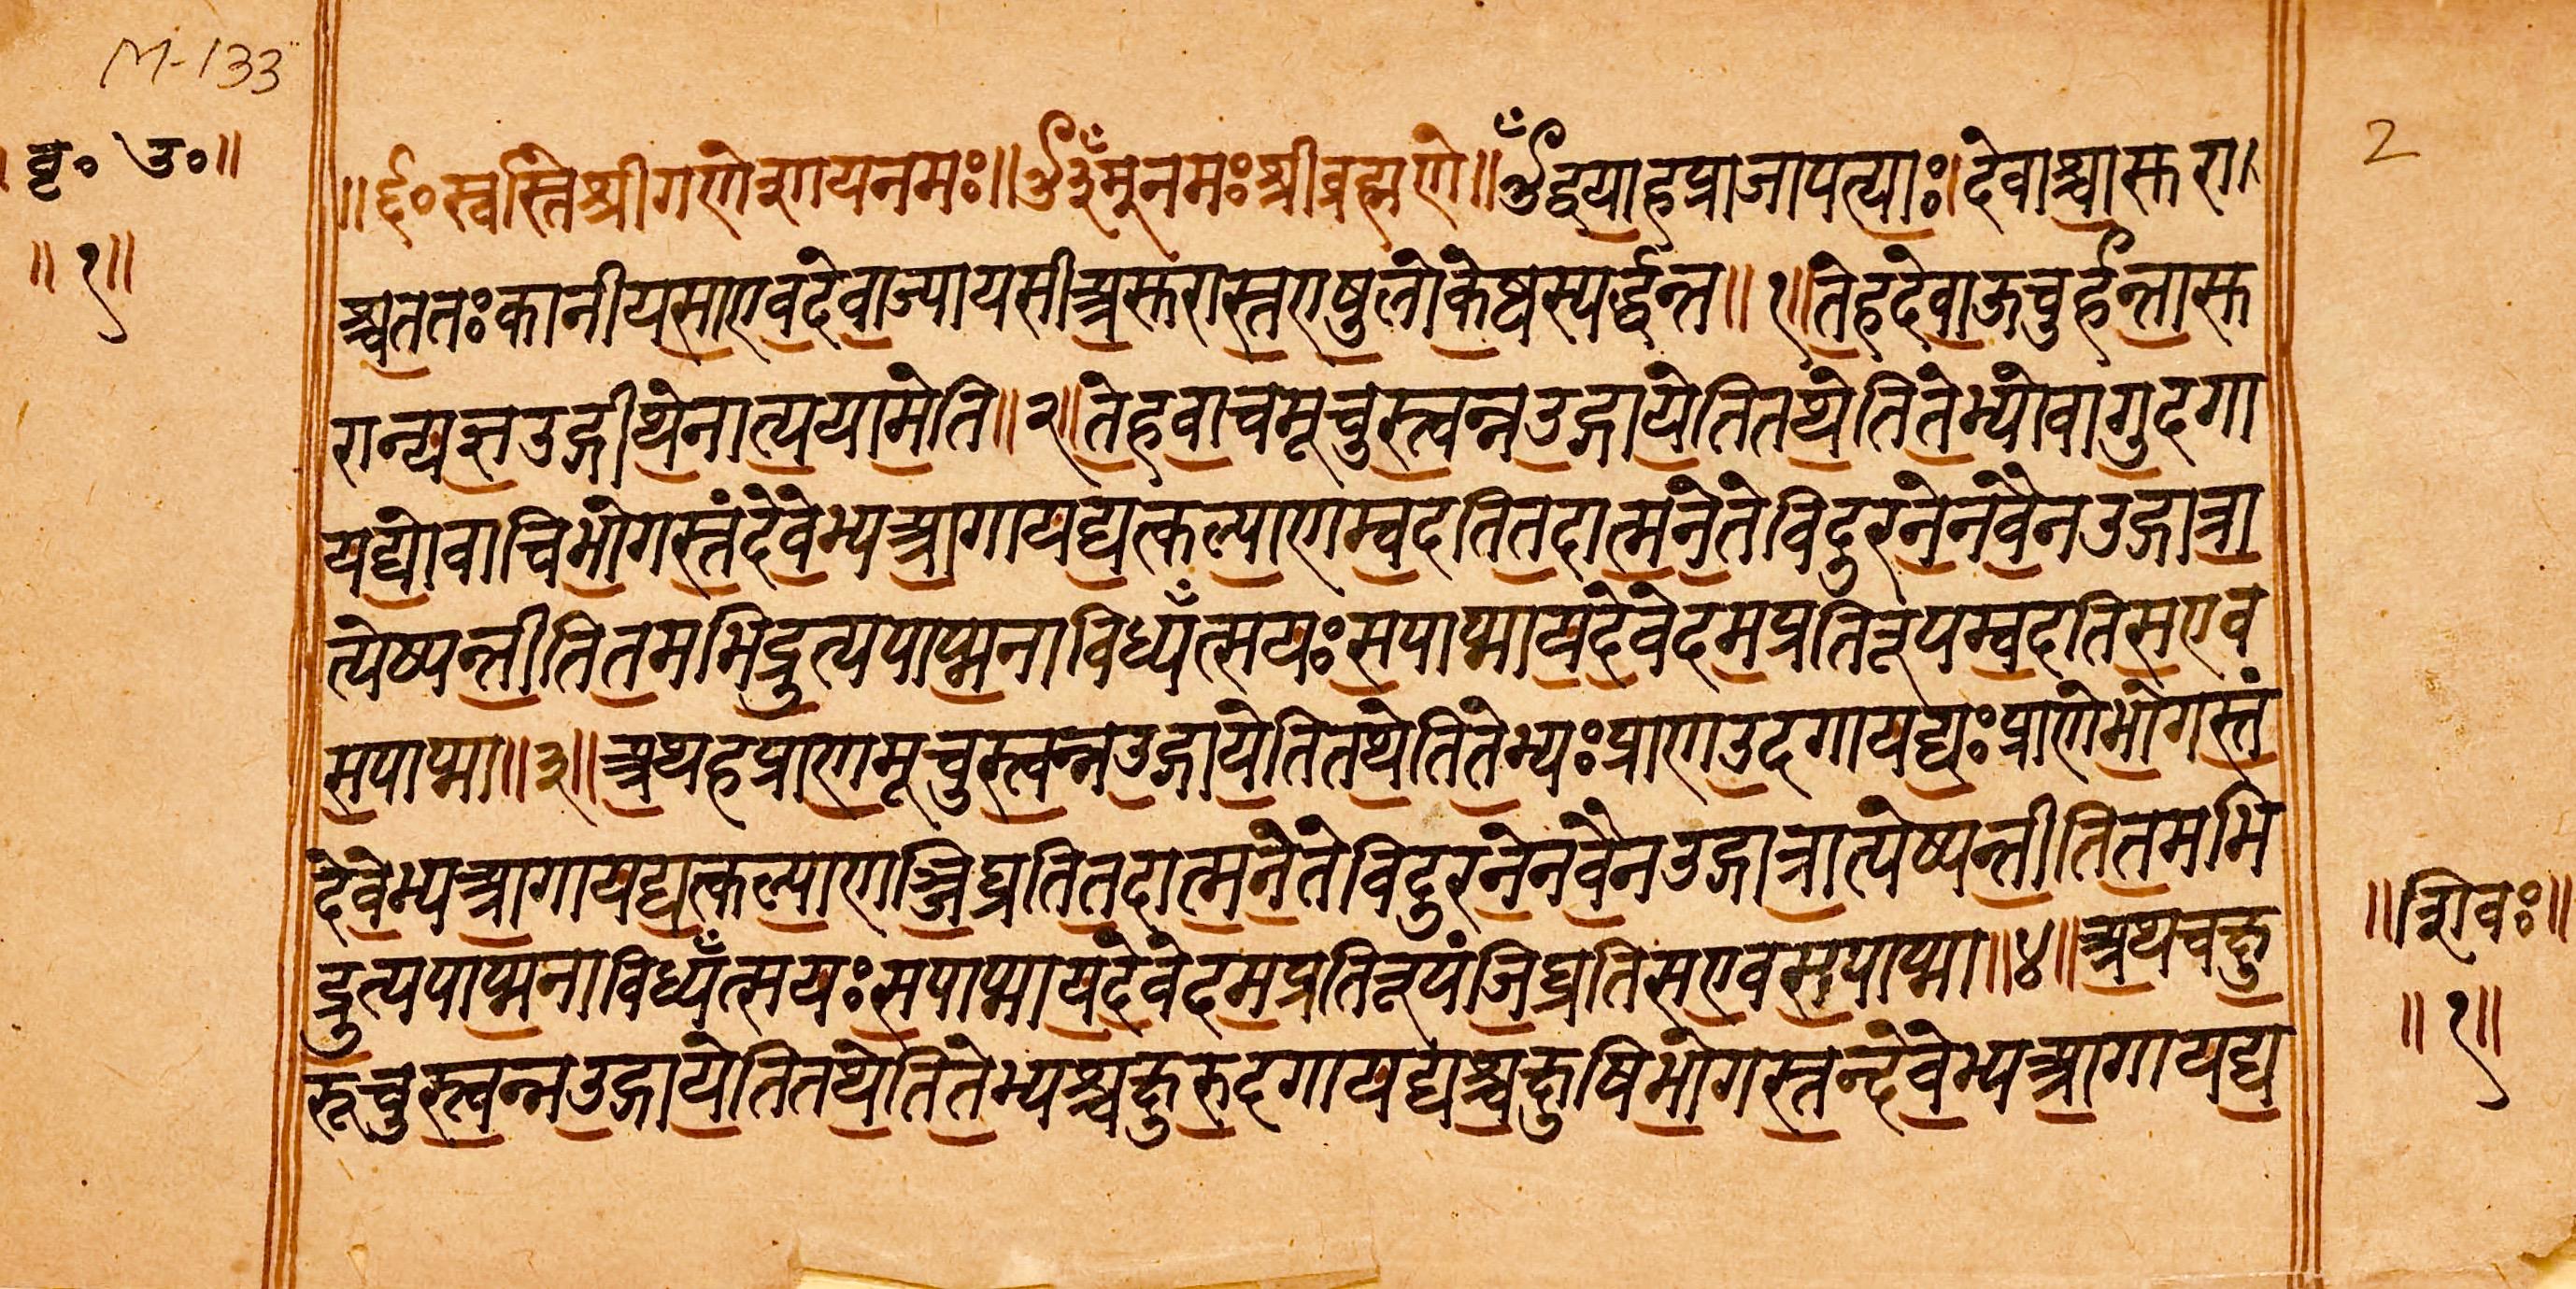 Malayalam pdf veda yajur